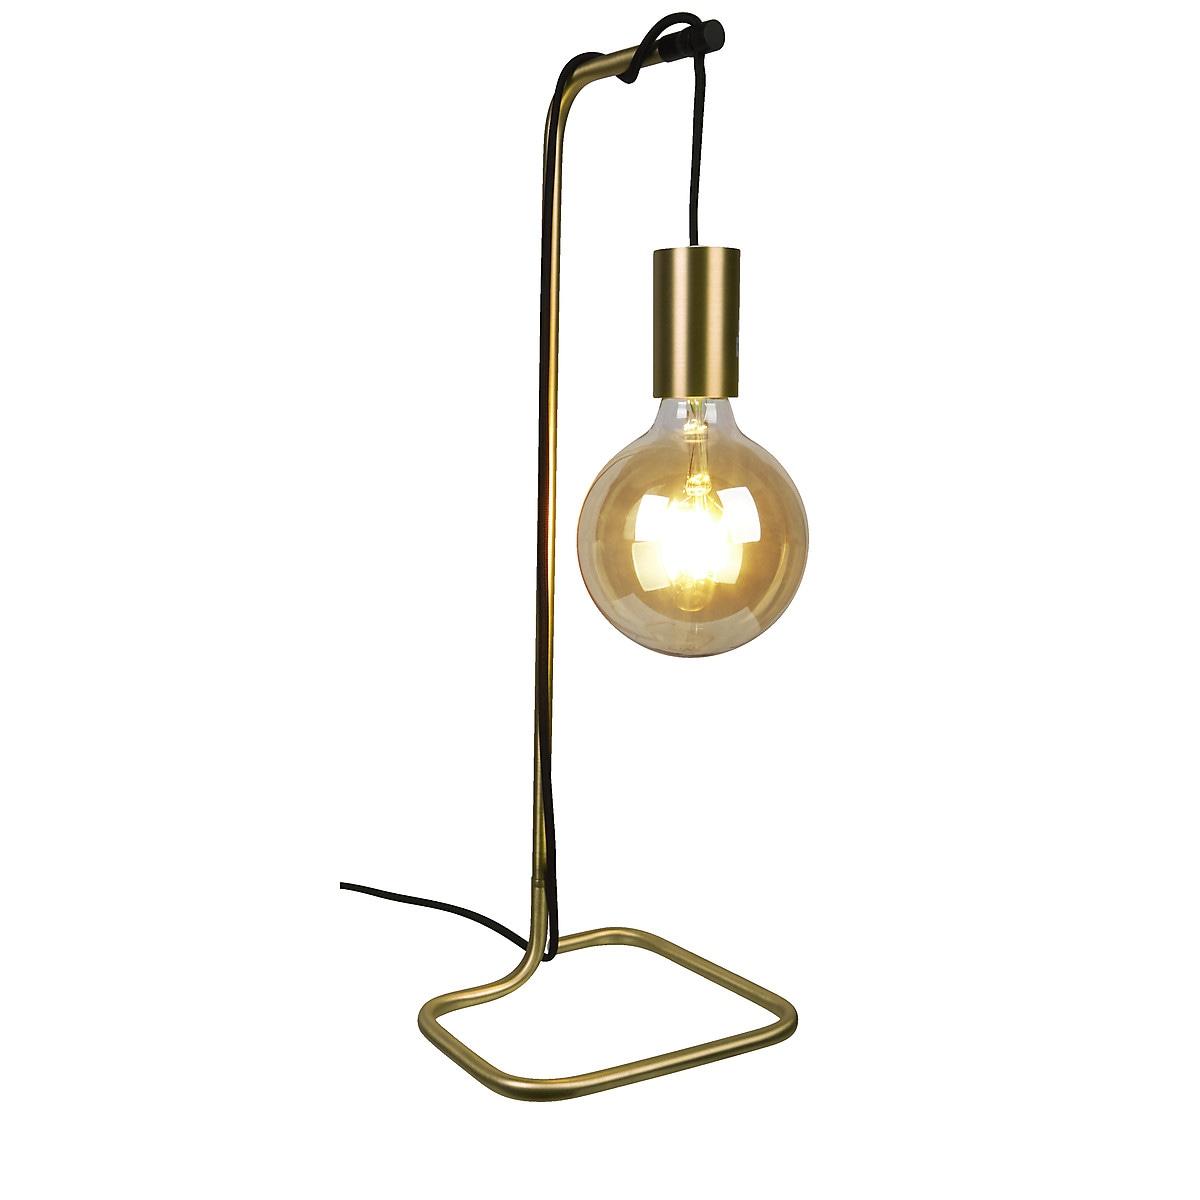 Lampfot Rack Northlight